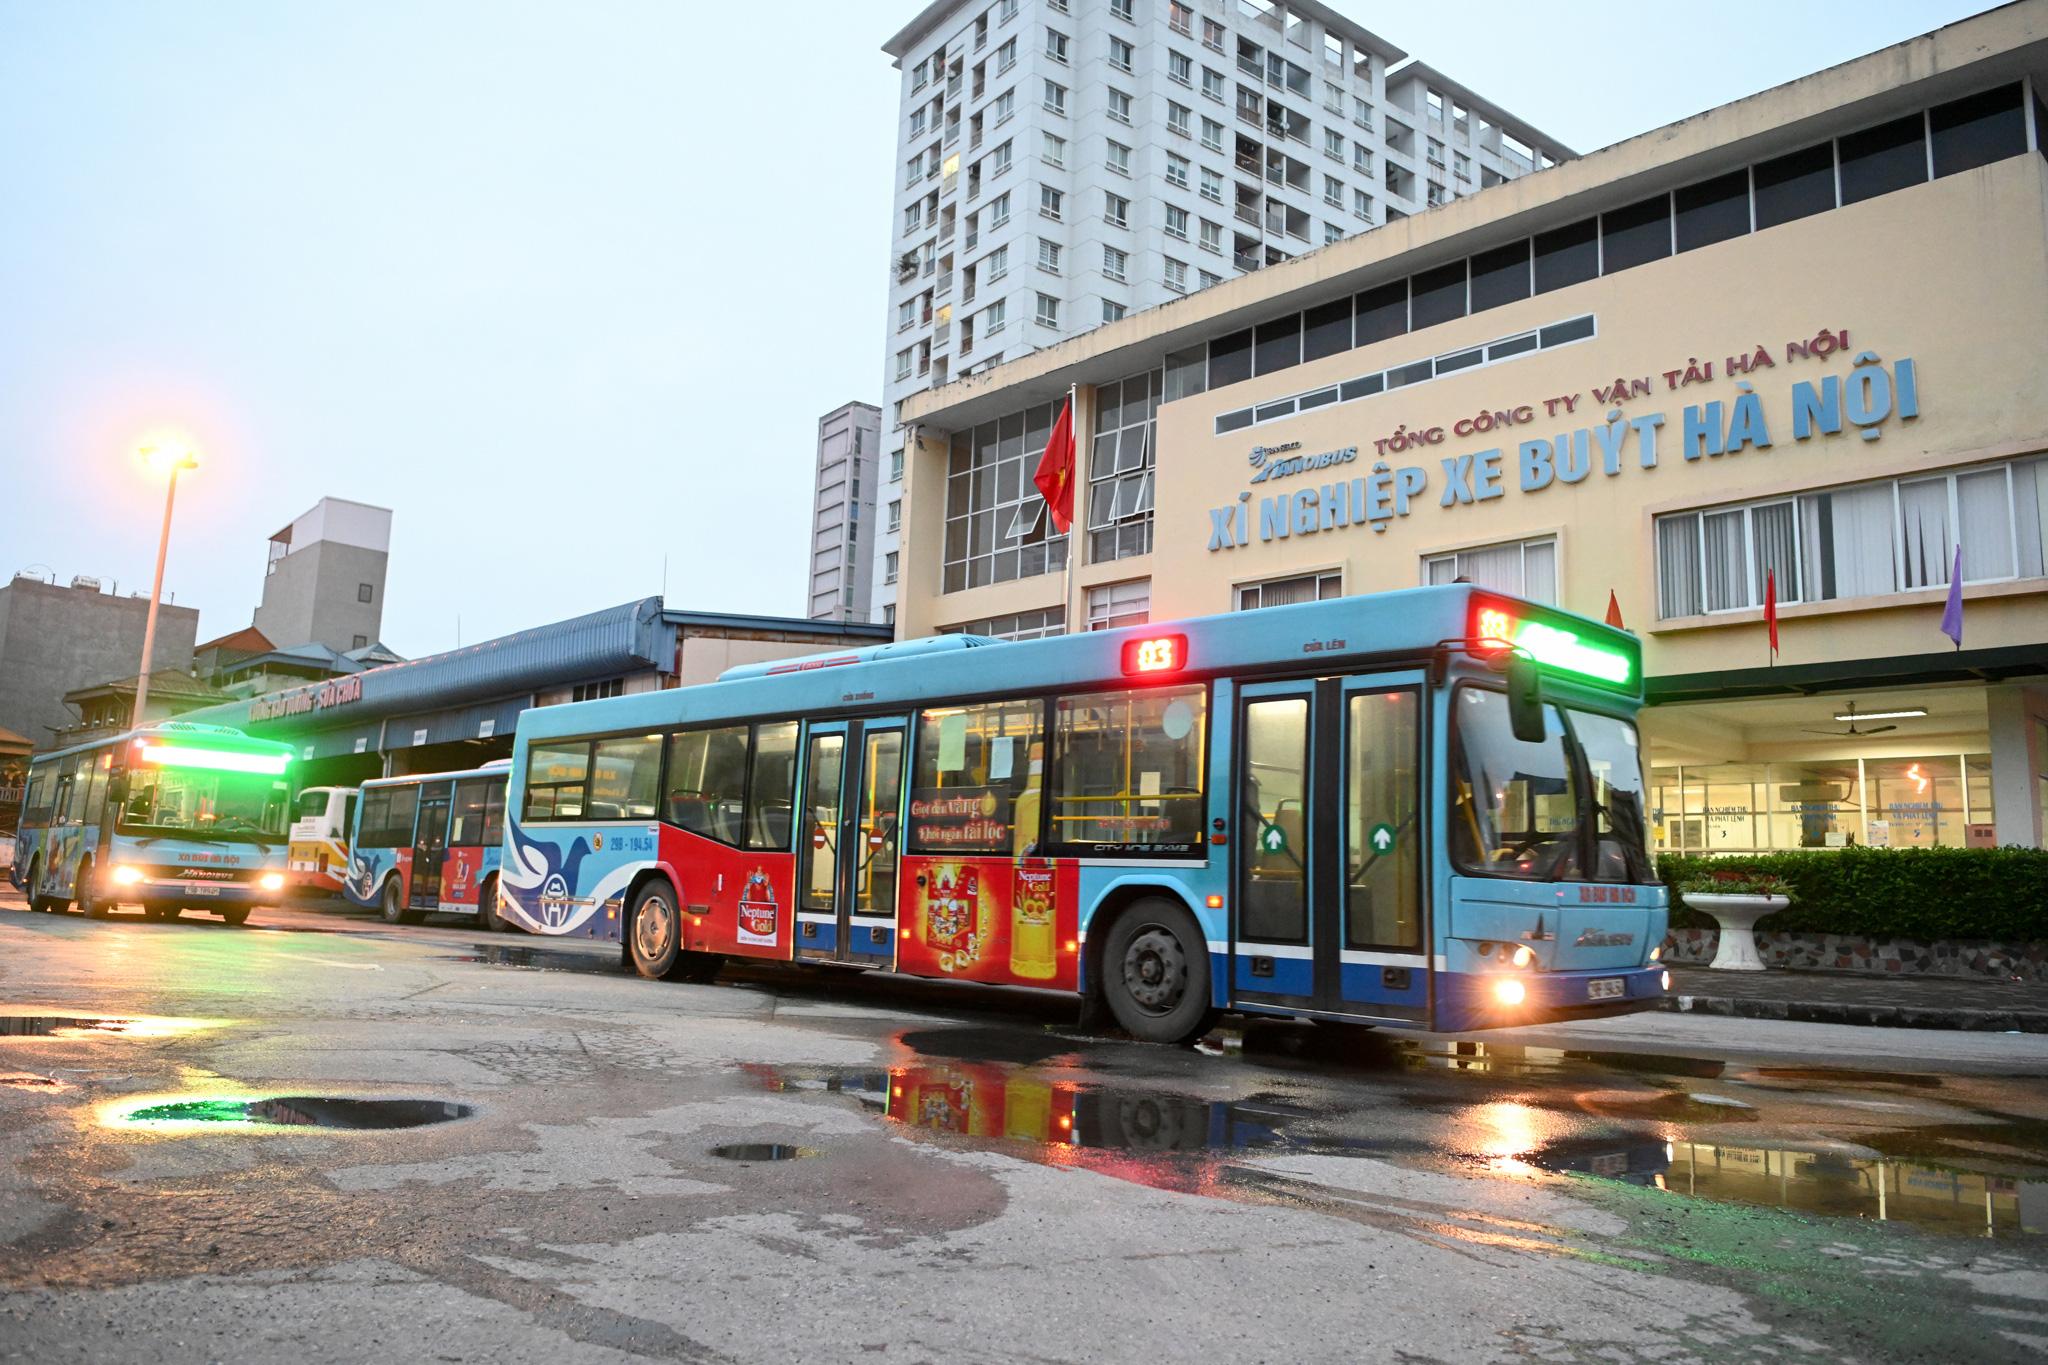 [ẢNH] Vẻ đẹp của gần 200 xe buýt tập kết về bến xếp hàng trong đêm - Ảnh 5.